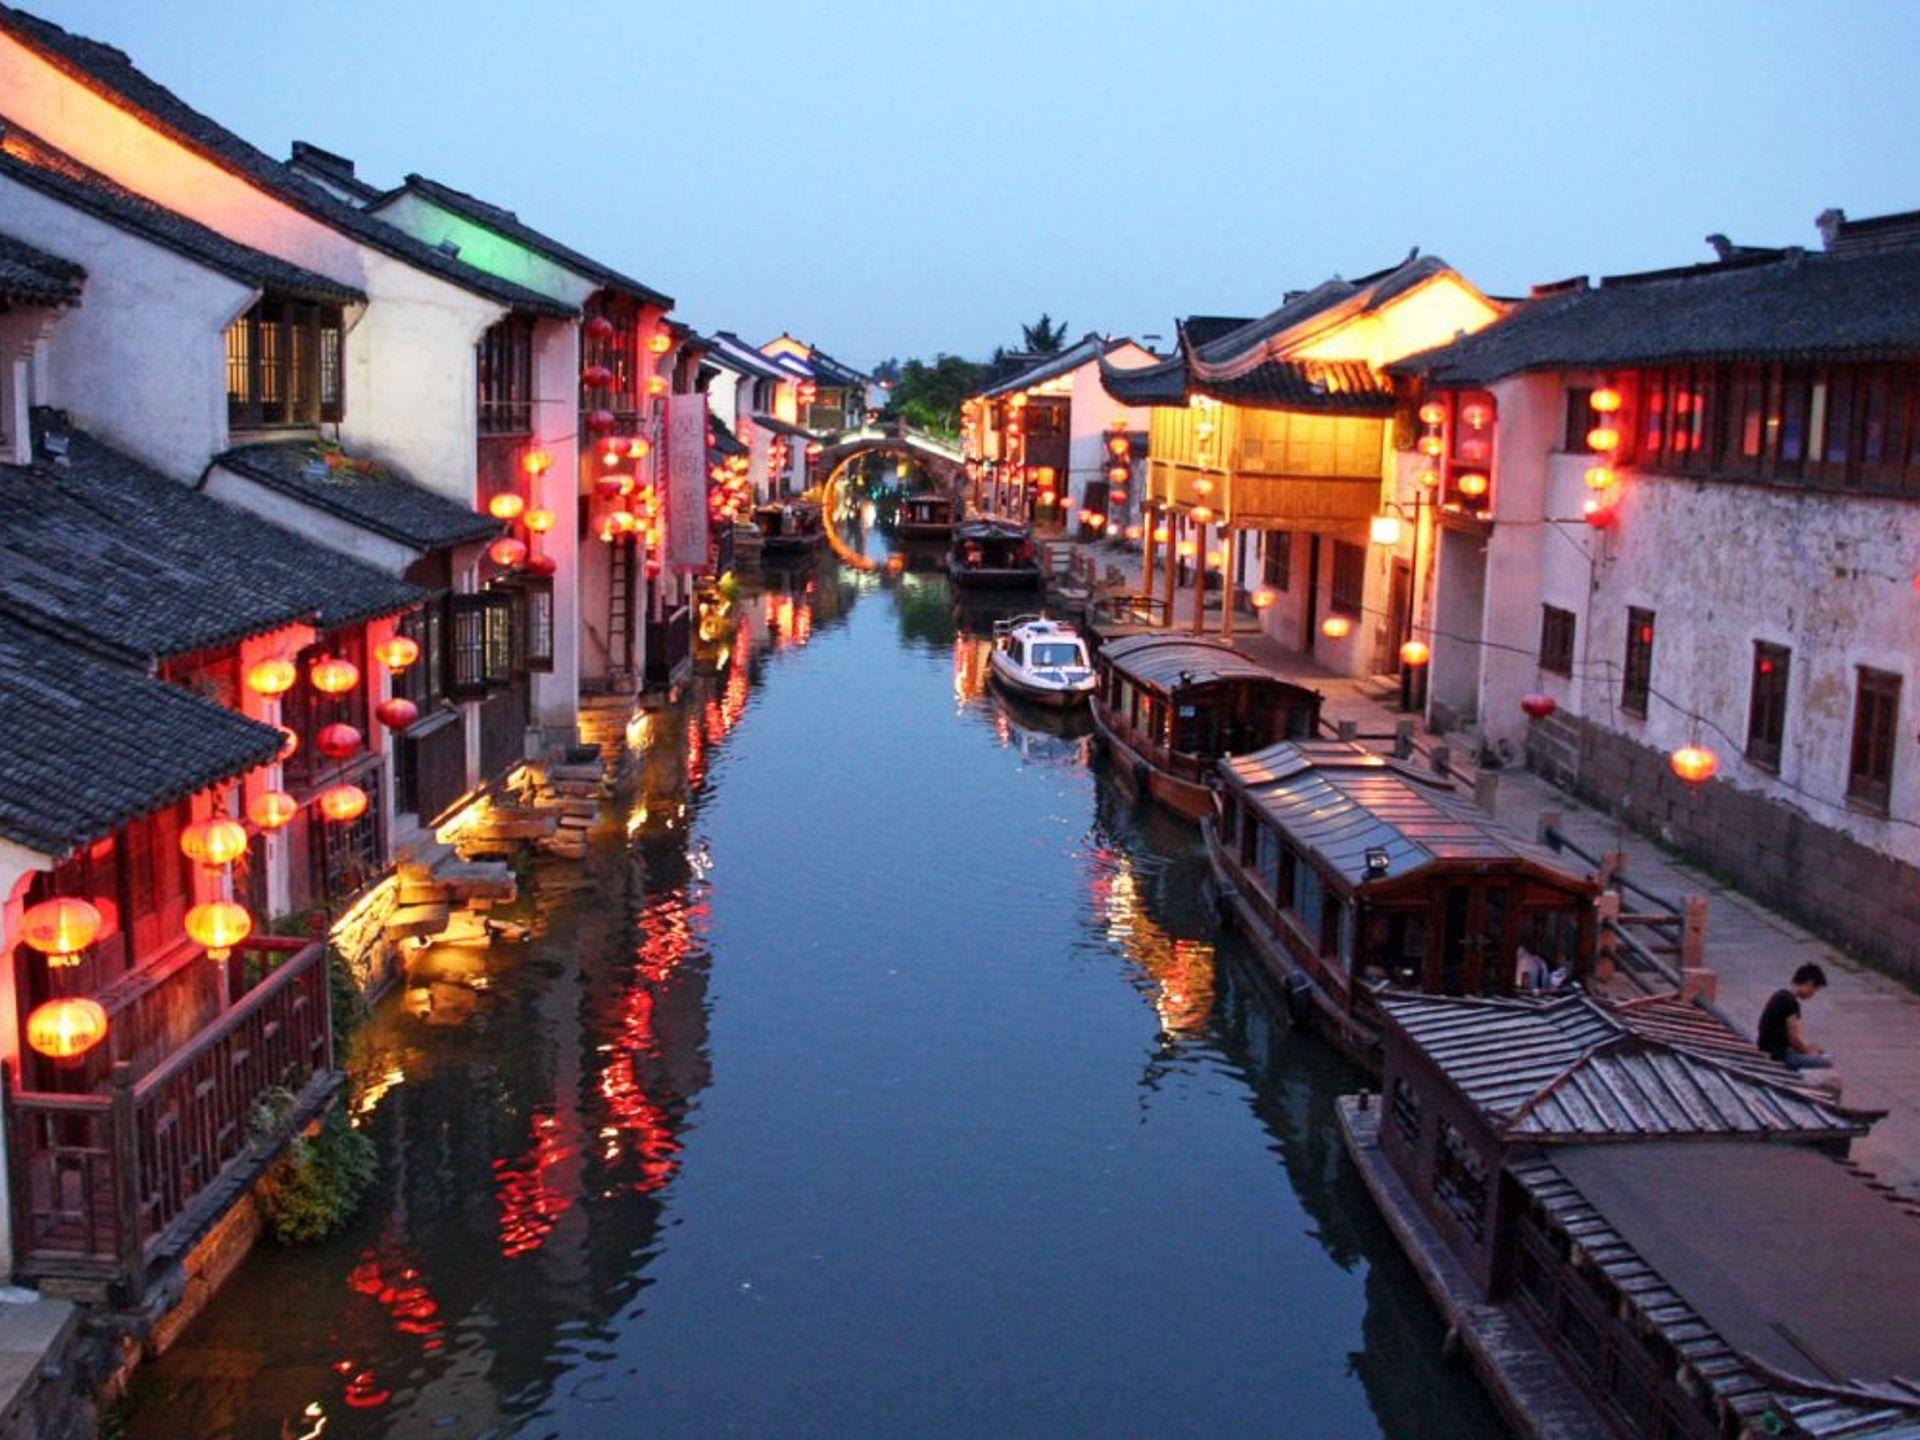 du-lich-to-chau-suzhou-trung-quoc